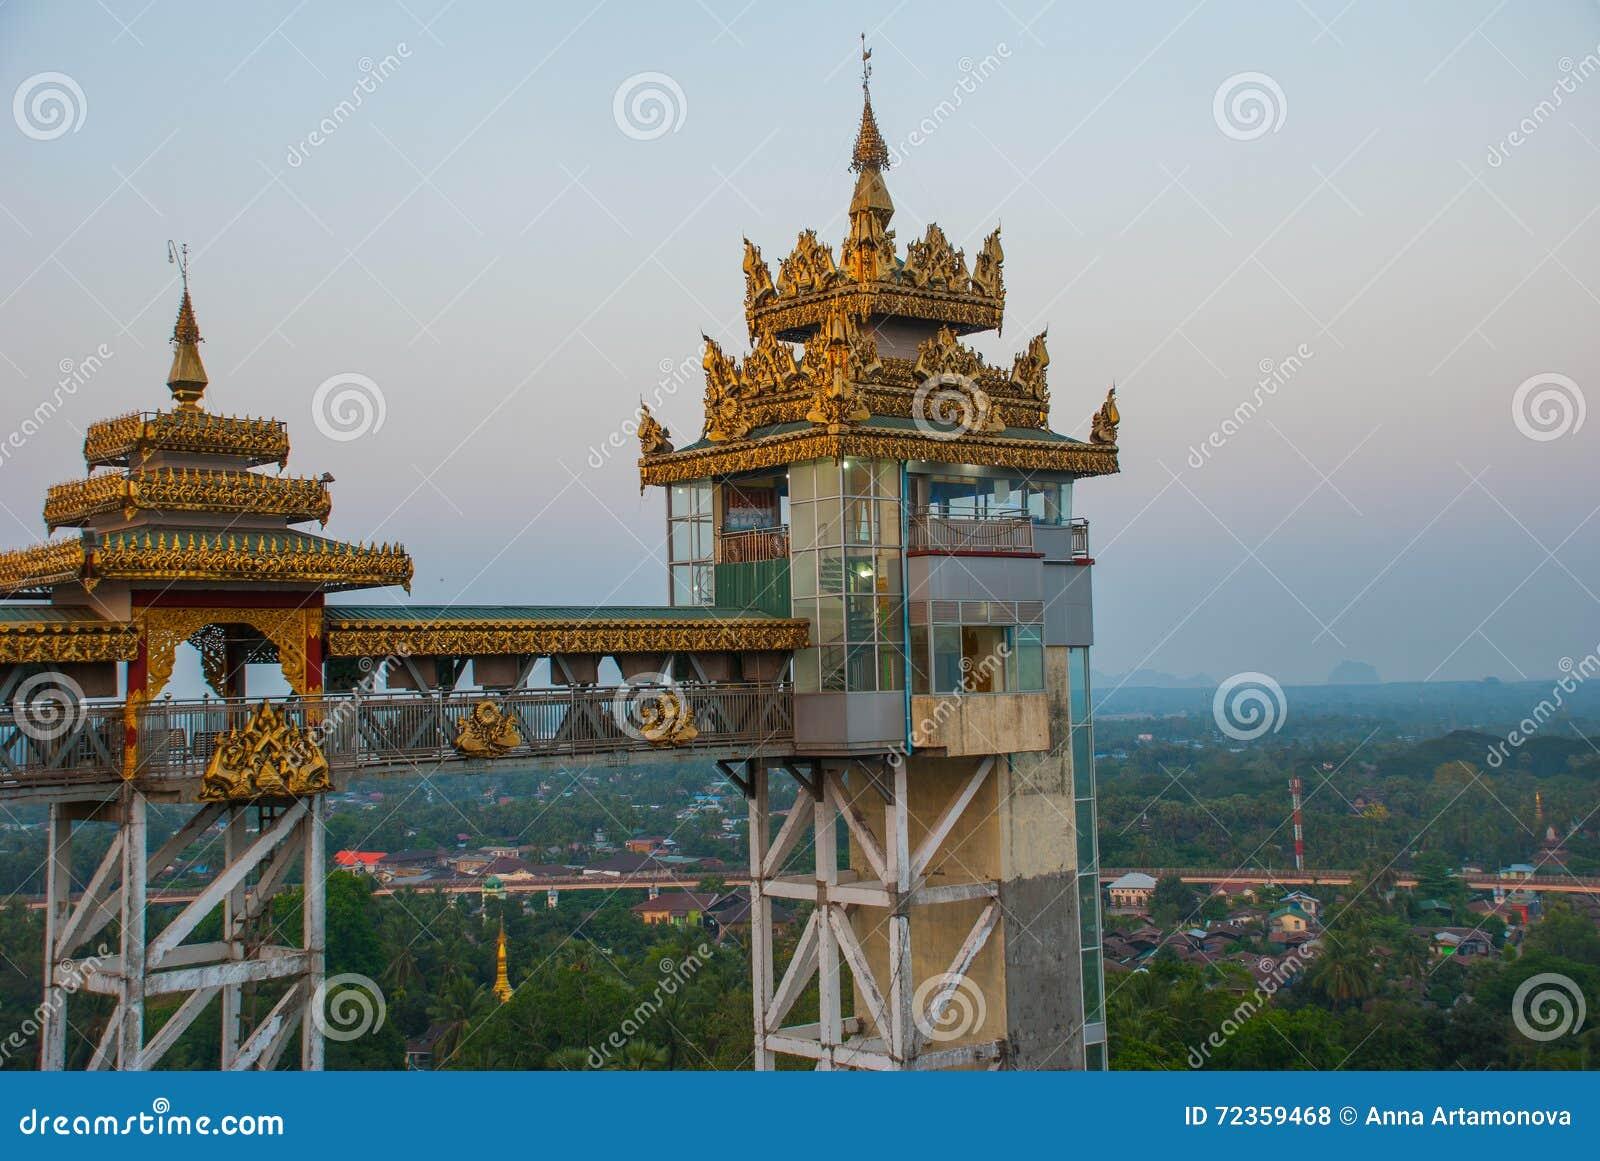 电梯 Kyaik Tan Lan 老Moulmein塔 毛淡棉,缅甸 缅甸